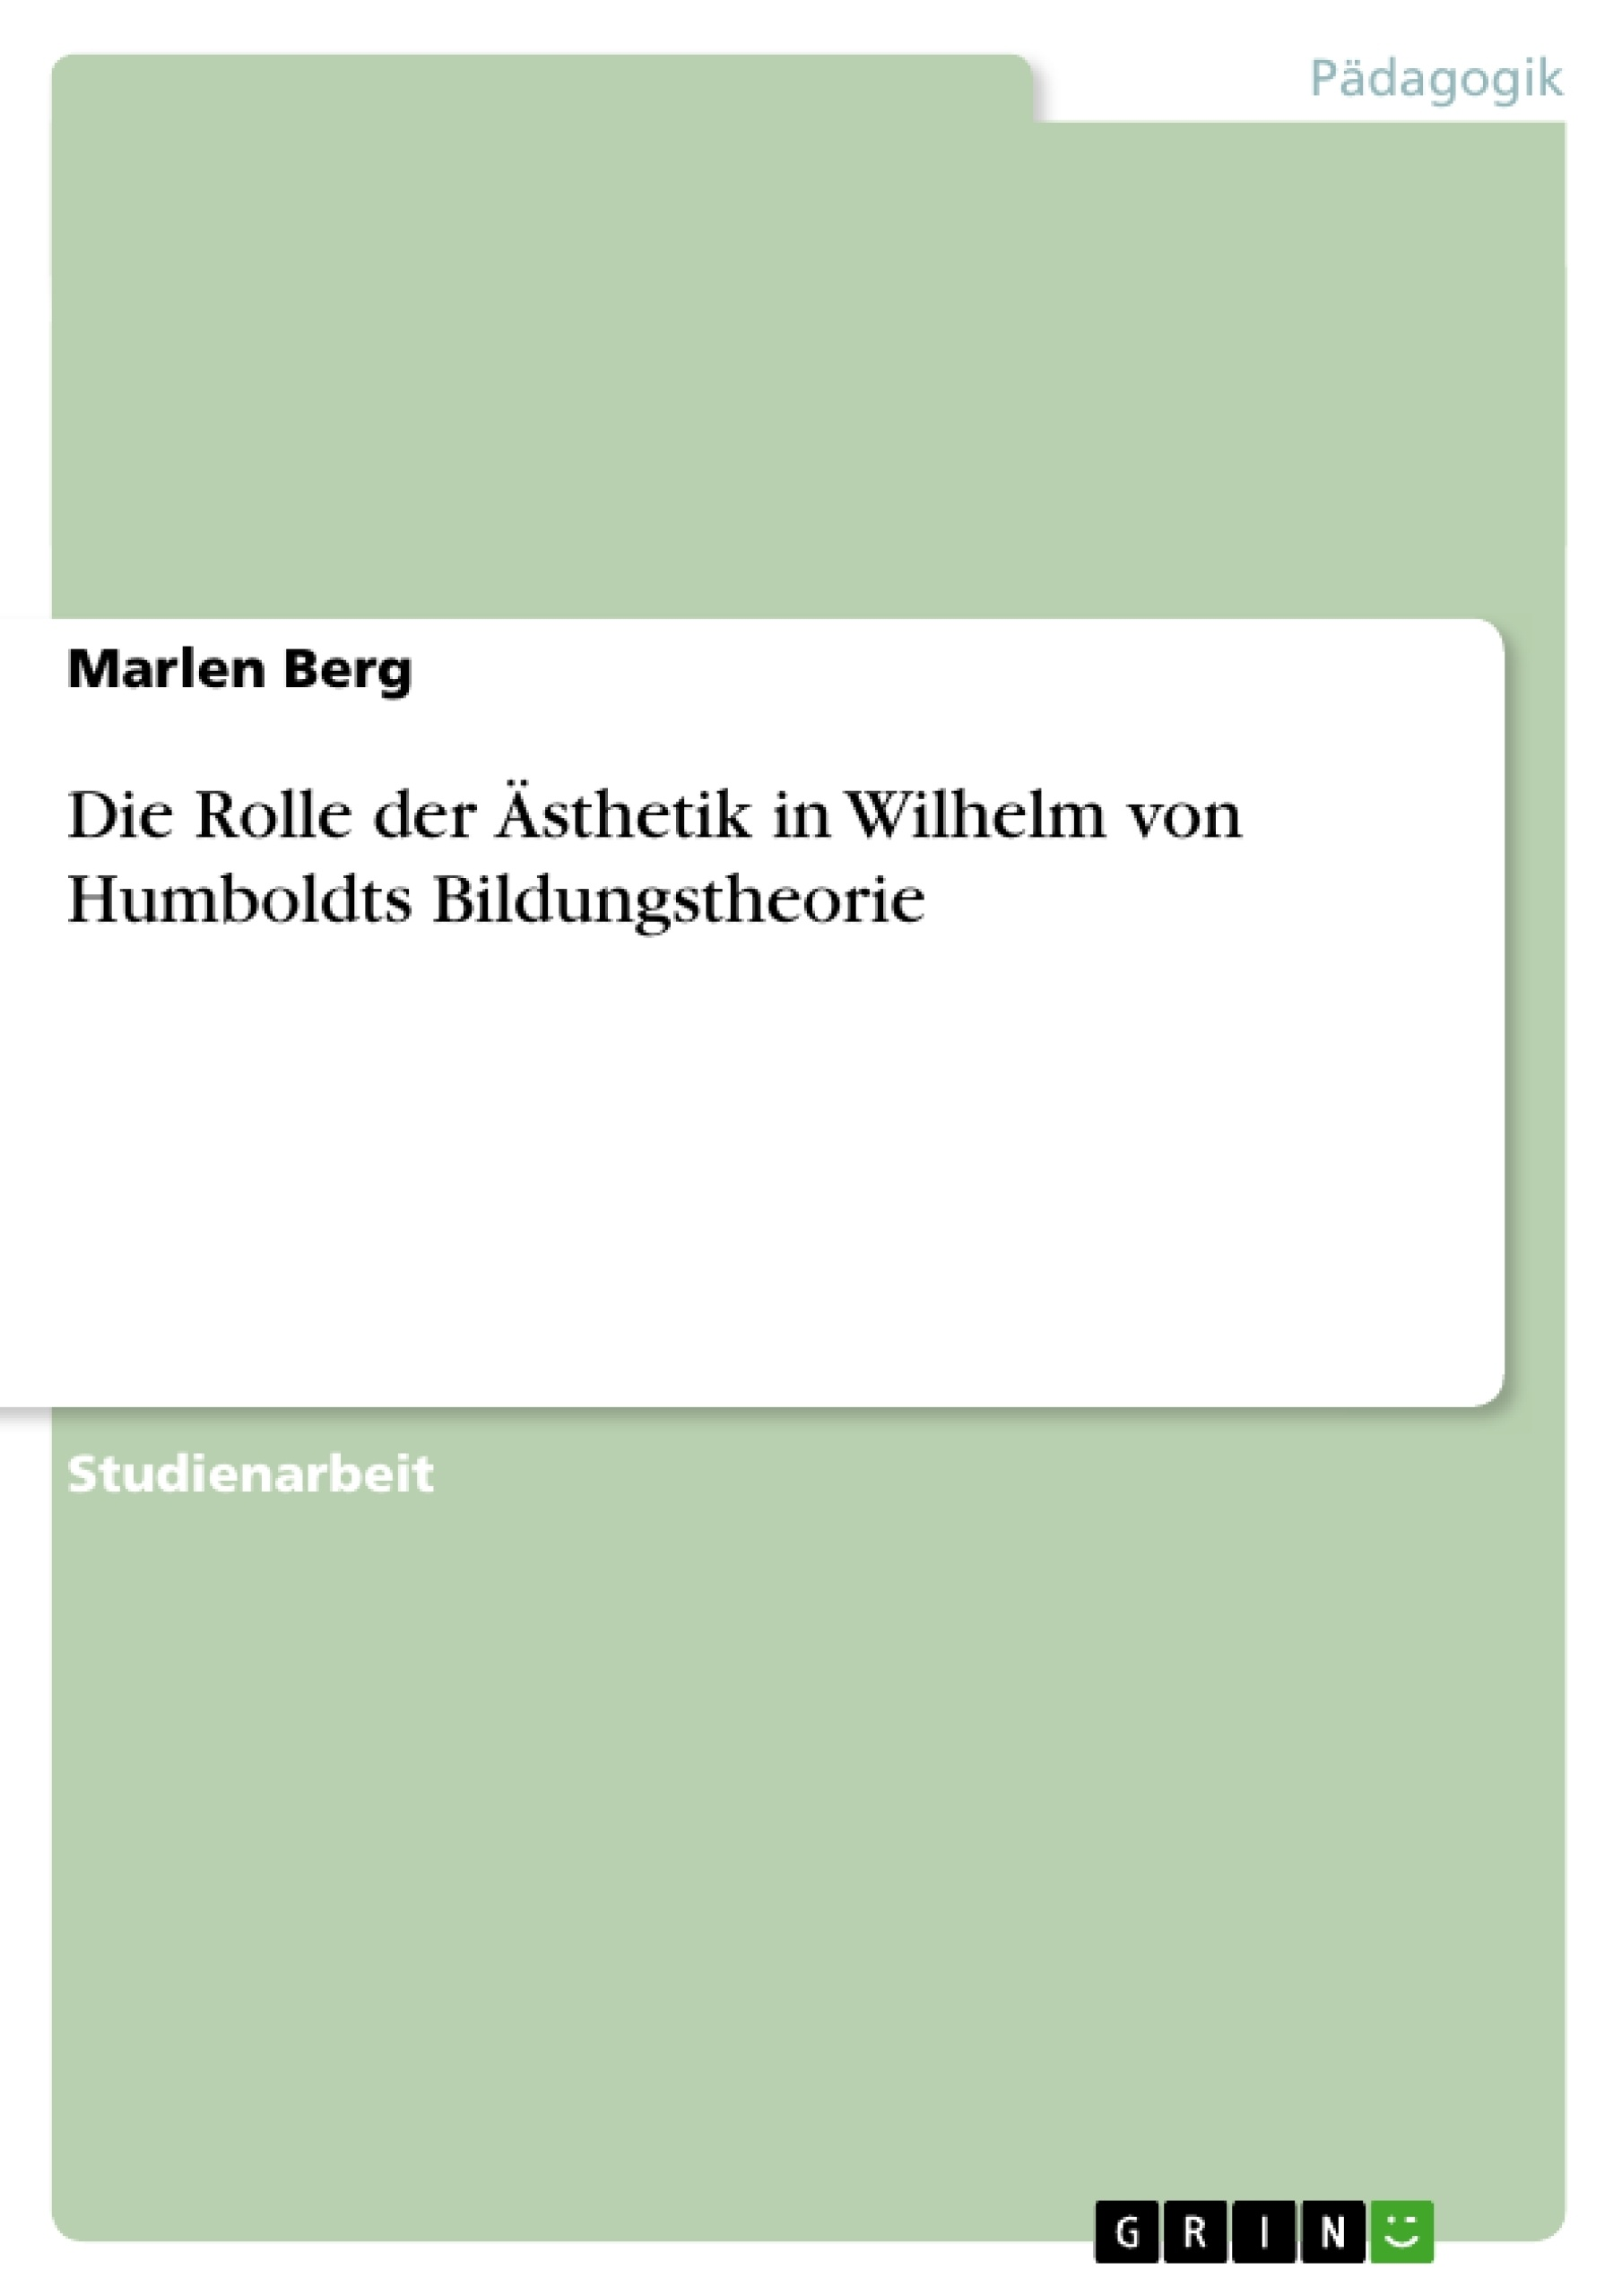 Titel: Die Rolle der Ästhetik in Wilhelm von Humboldts Bildungstheorie